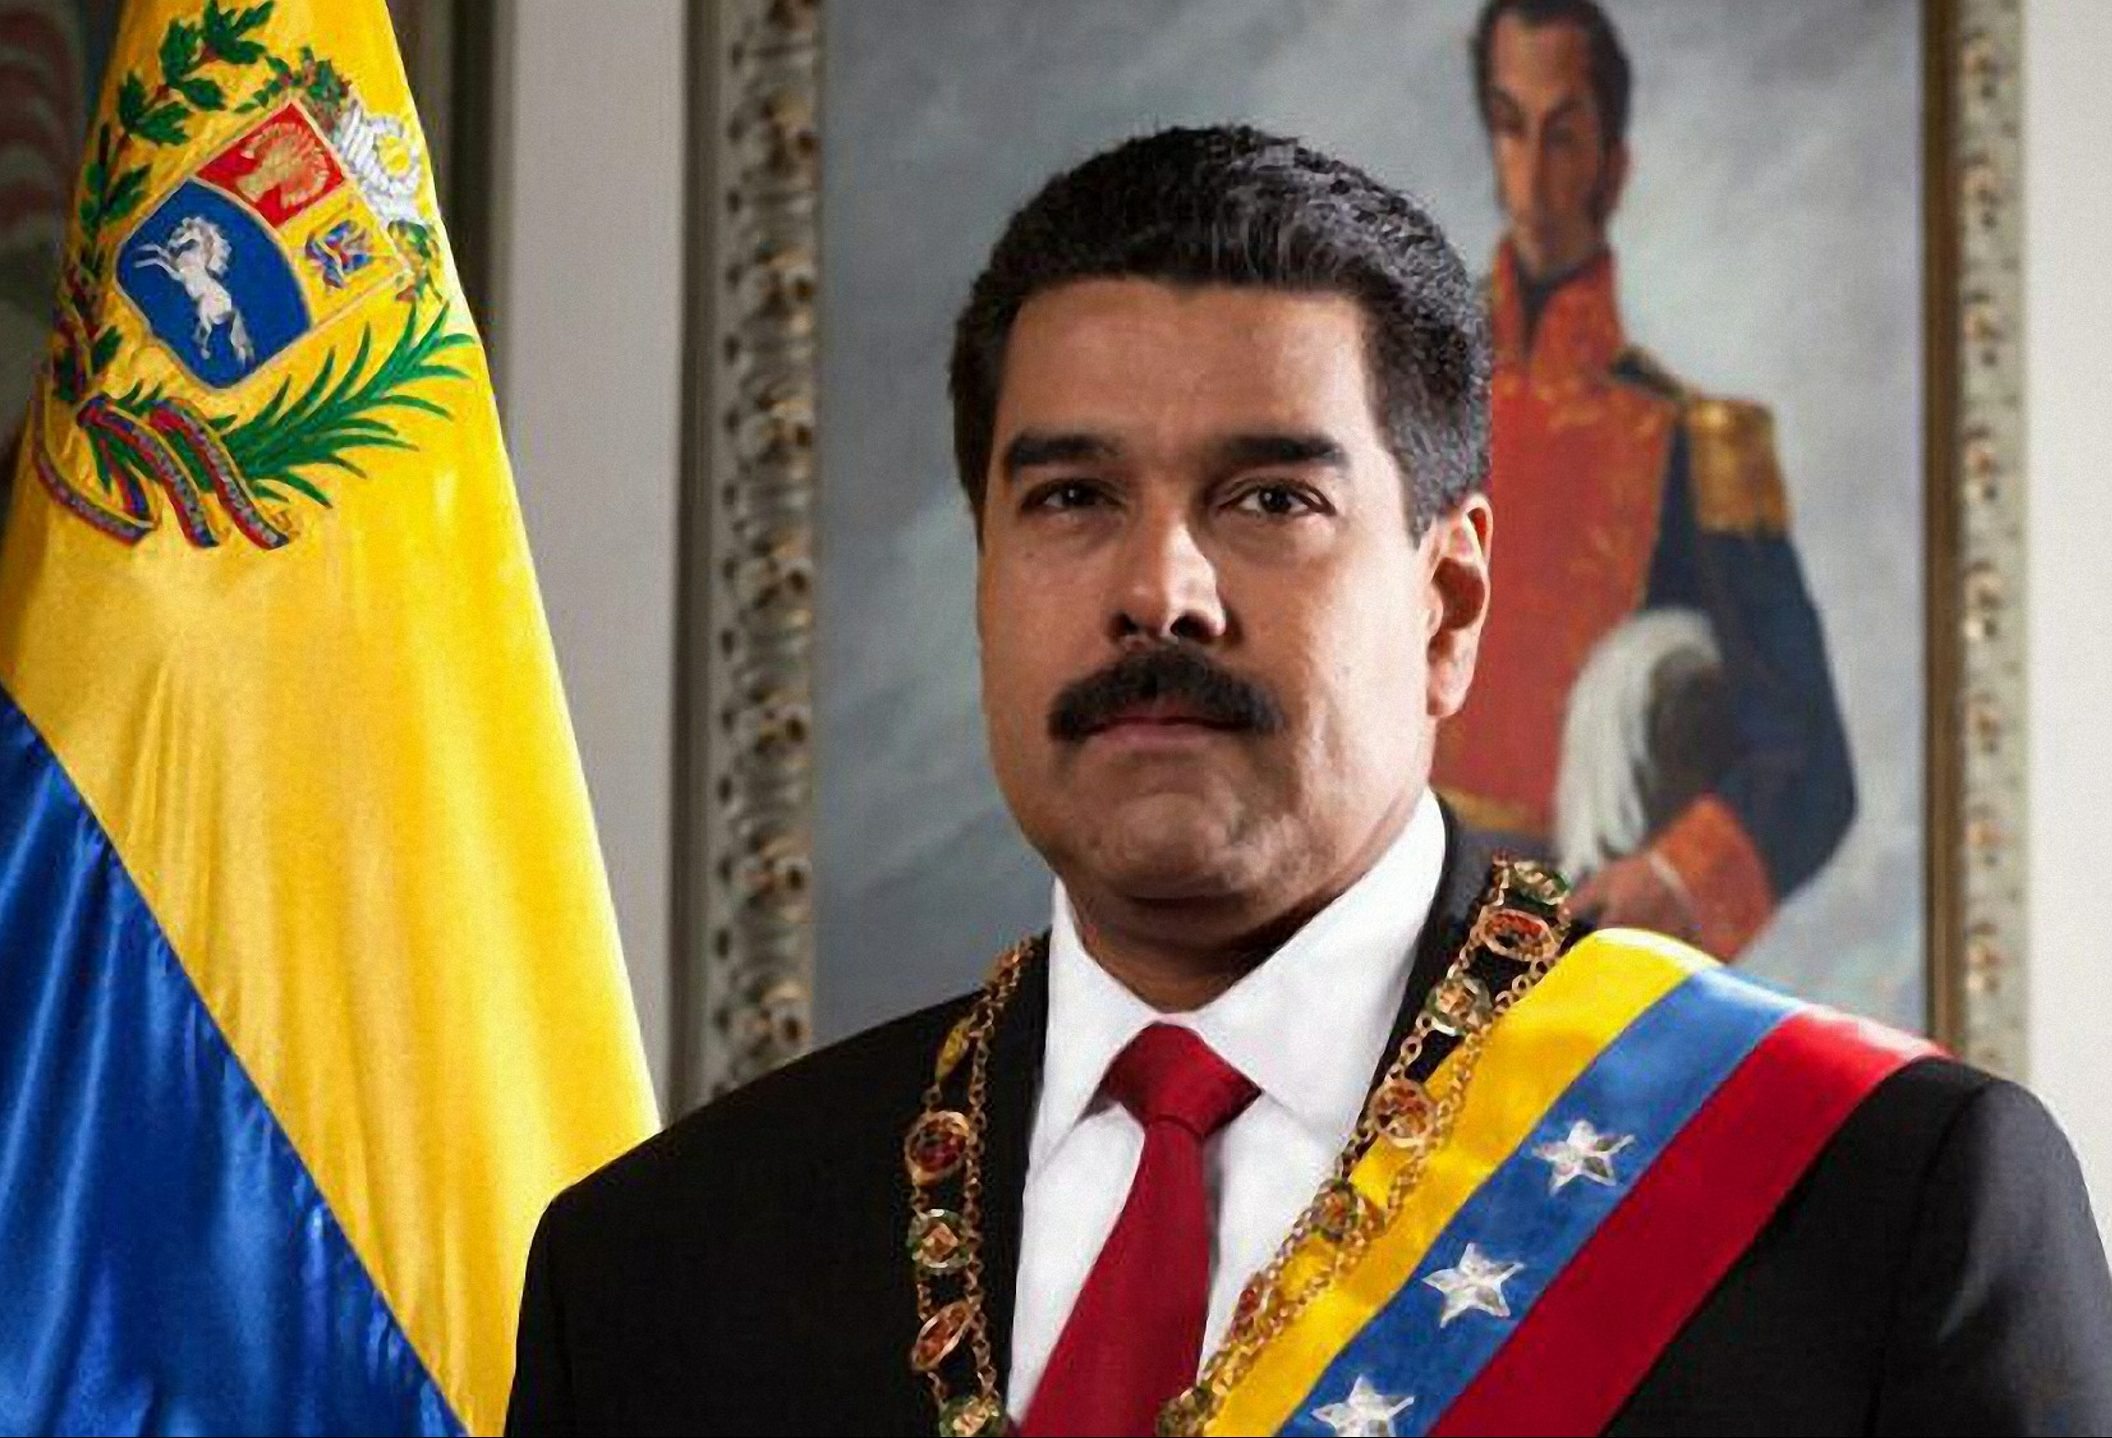 """Es """"show"""" y """"mensaje de humillación"""" la ayuda humanitaria: Maduro"""